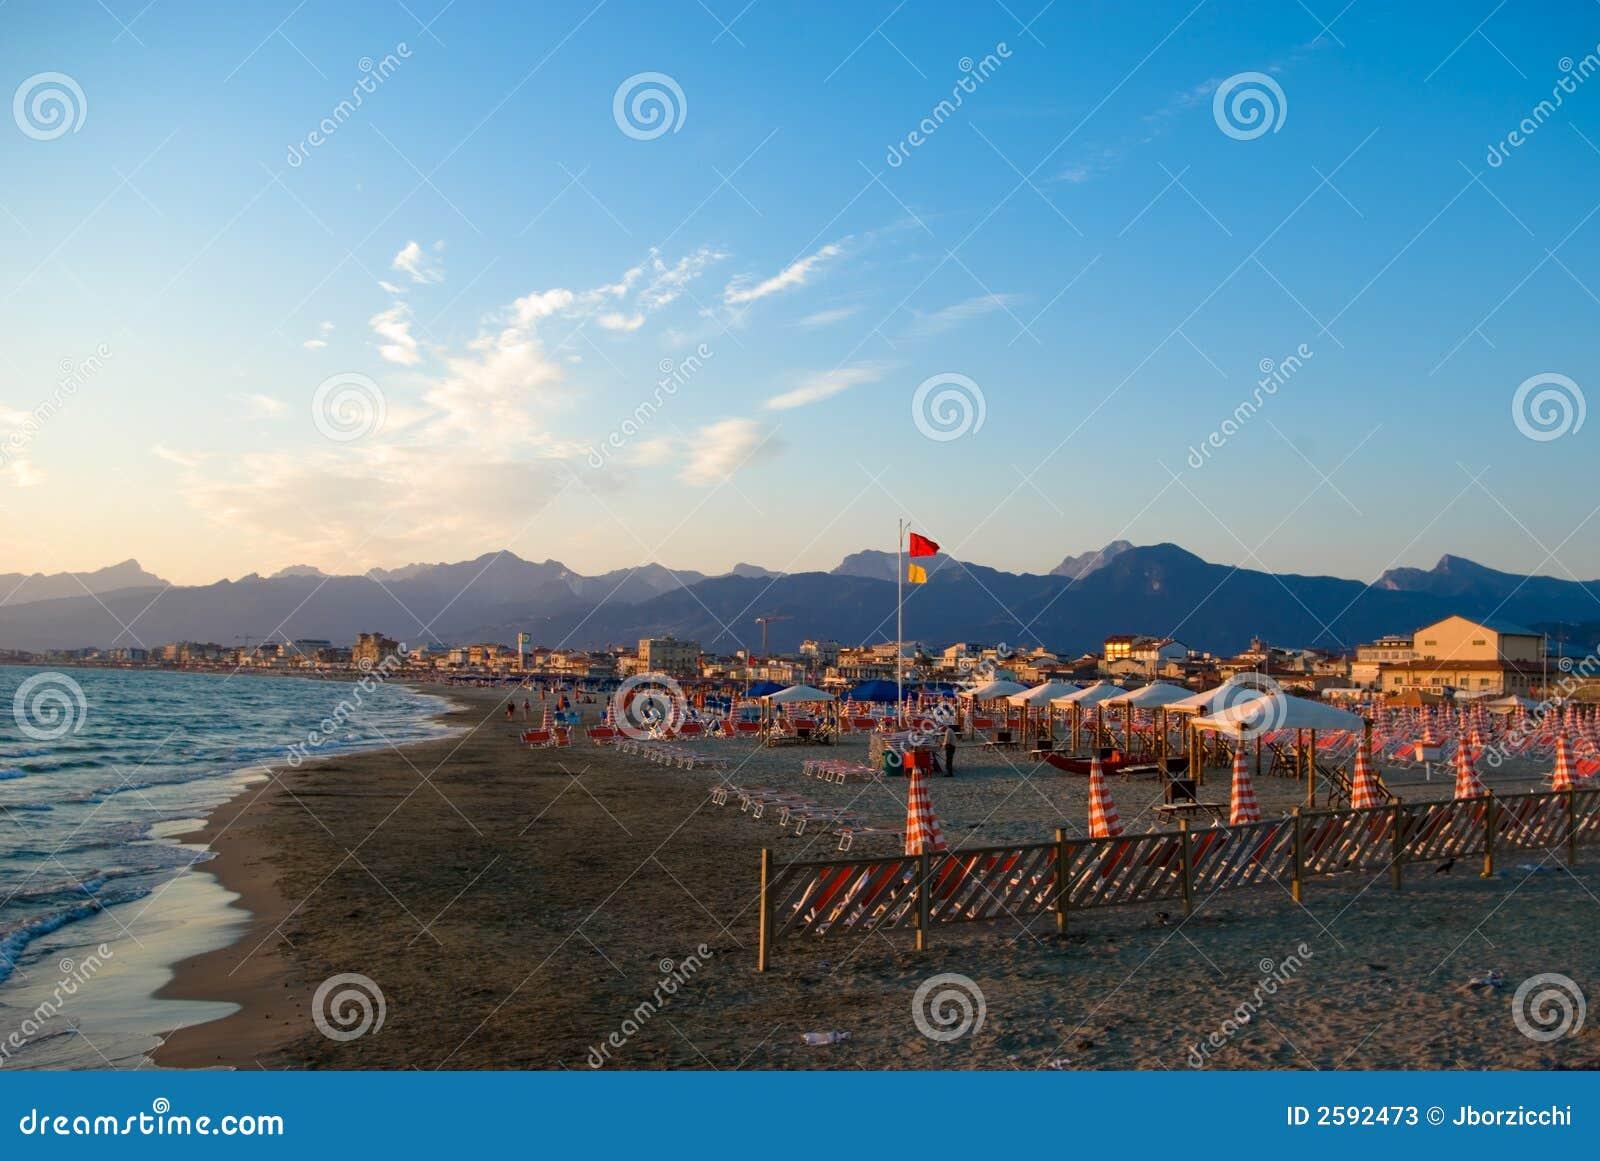 Het zandige strand van Viareggio,